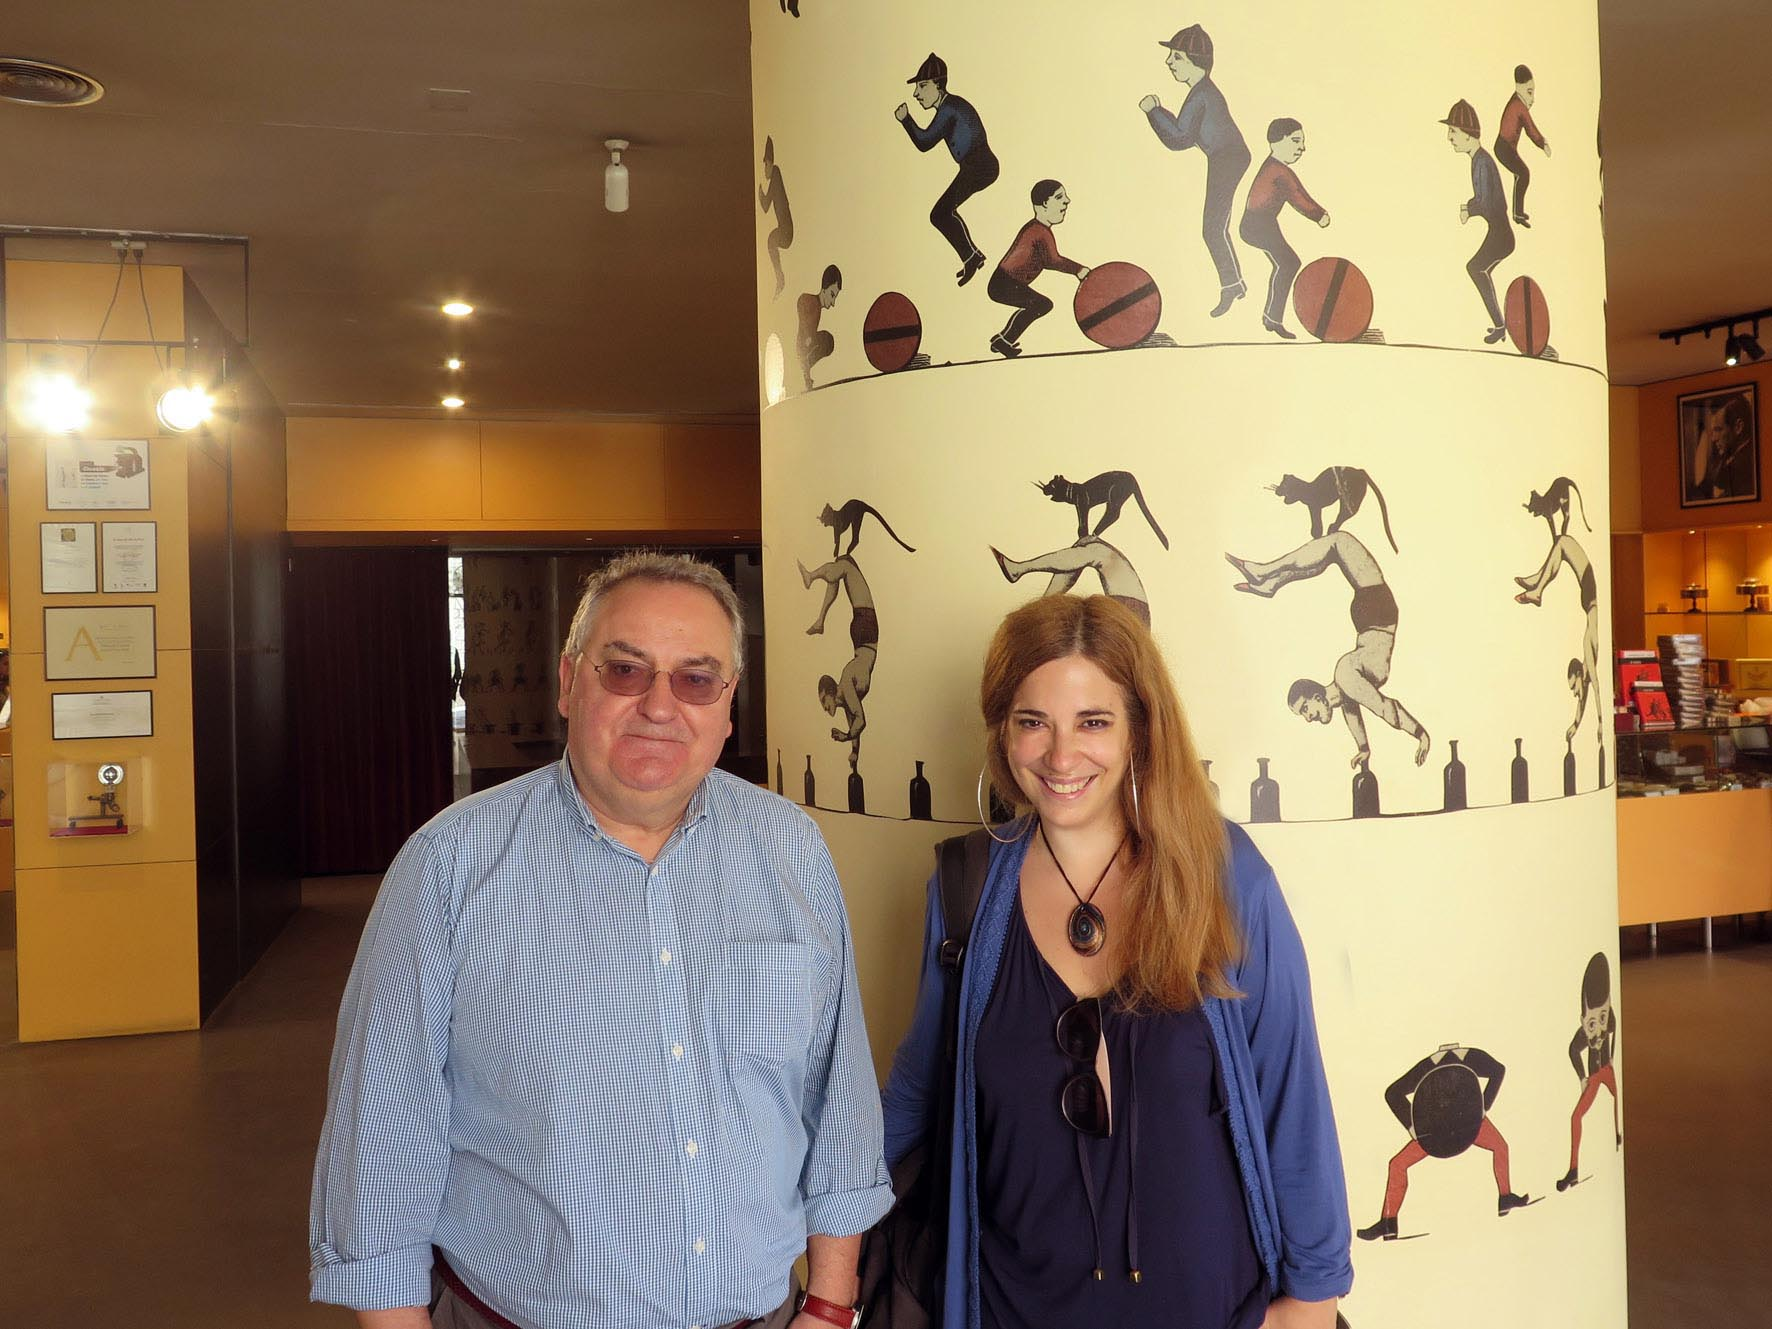 Andrea y Bernardo.Museu del Cinema